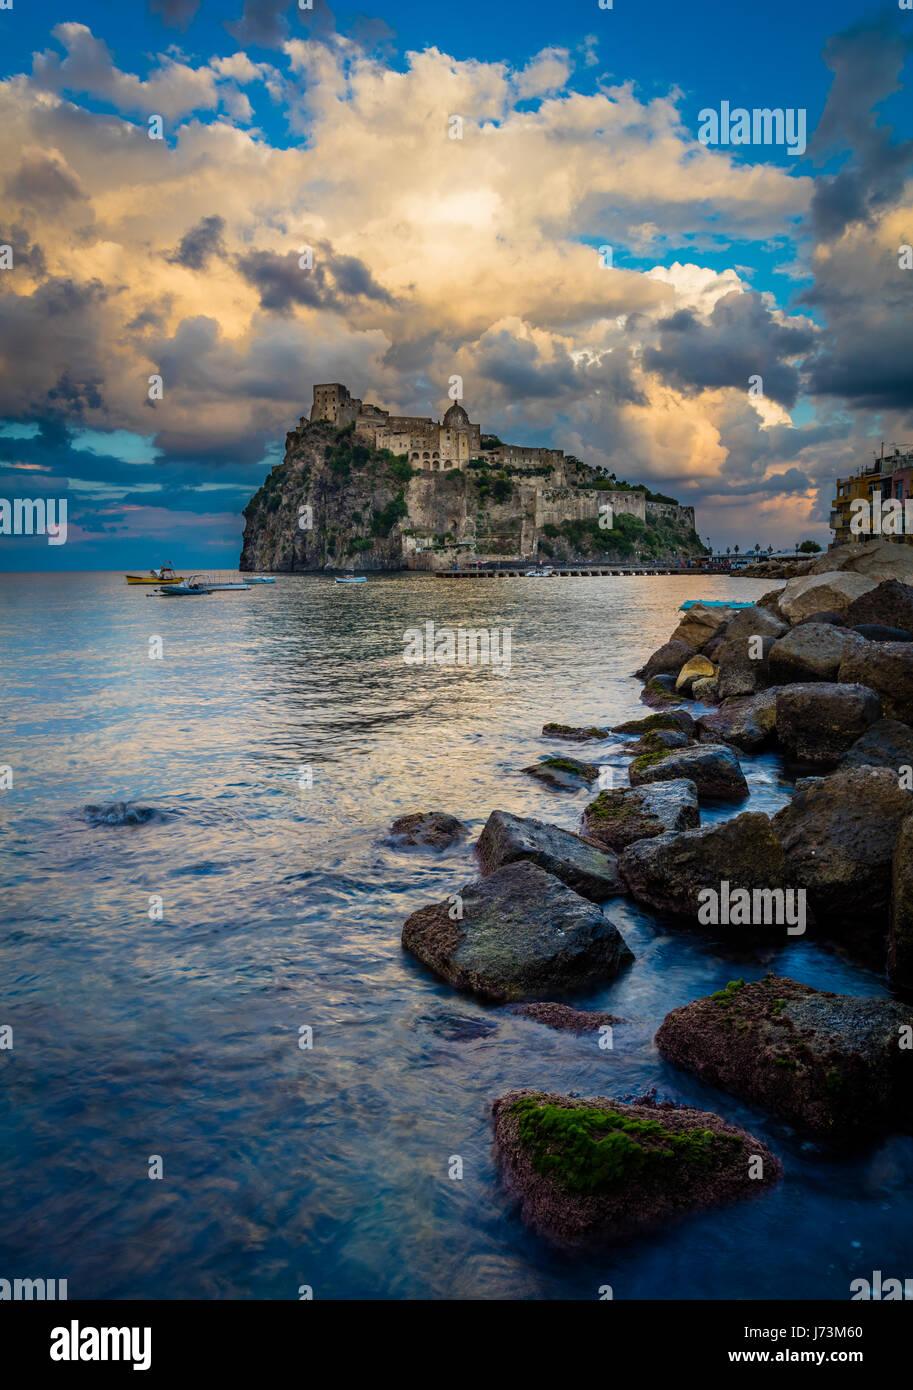 Castello Aragonese es un castillo medieval al lado de Ischia (una de las Islas Phlegraean), en el extremo norte Imagen De Stock